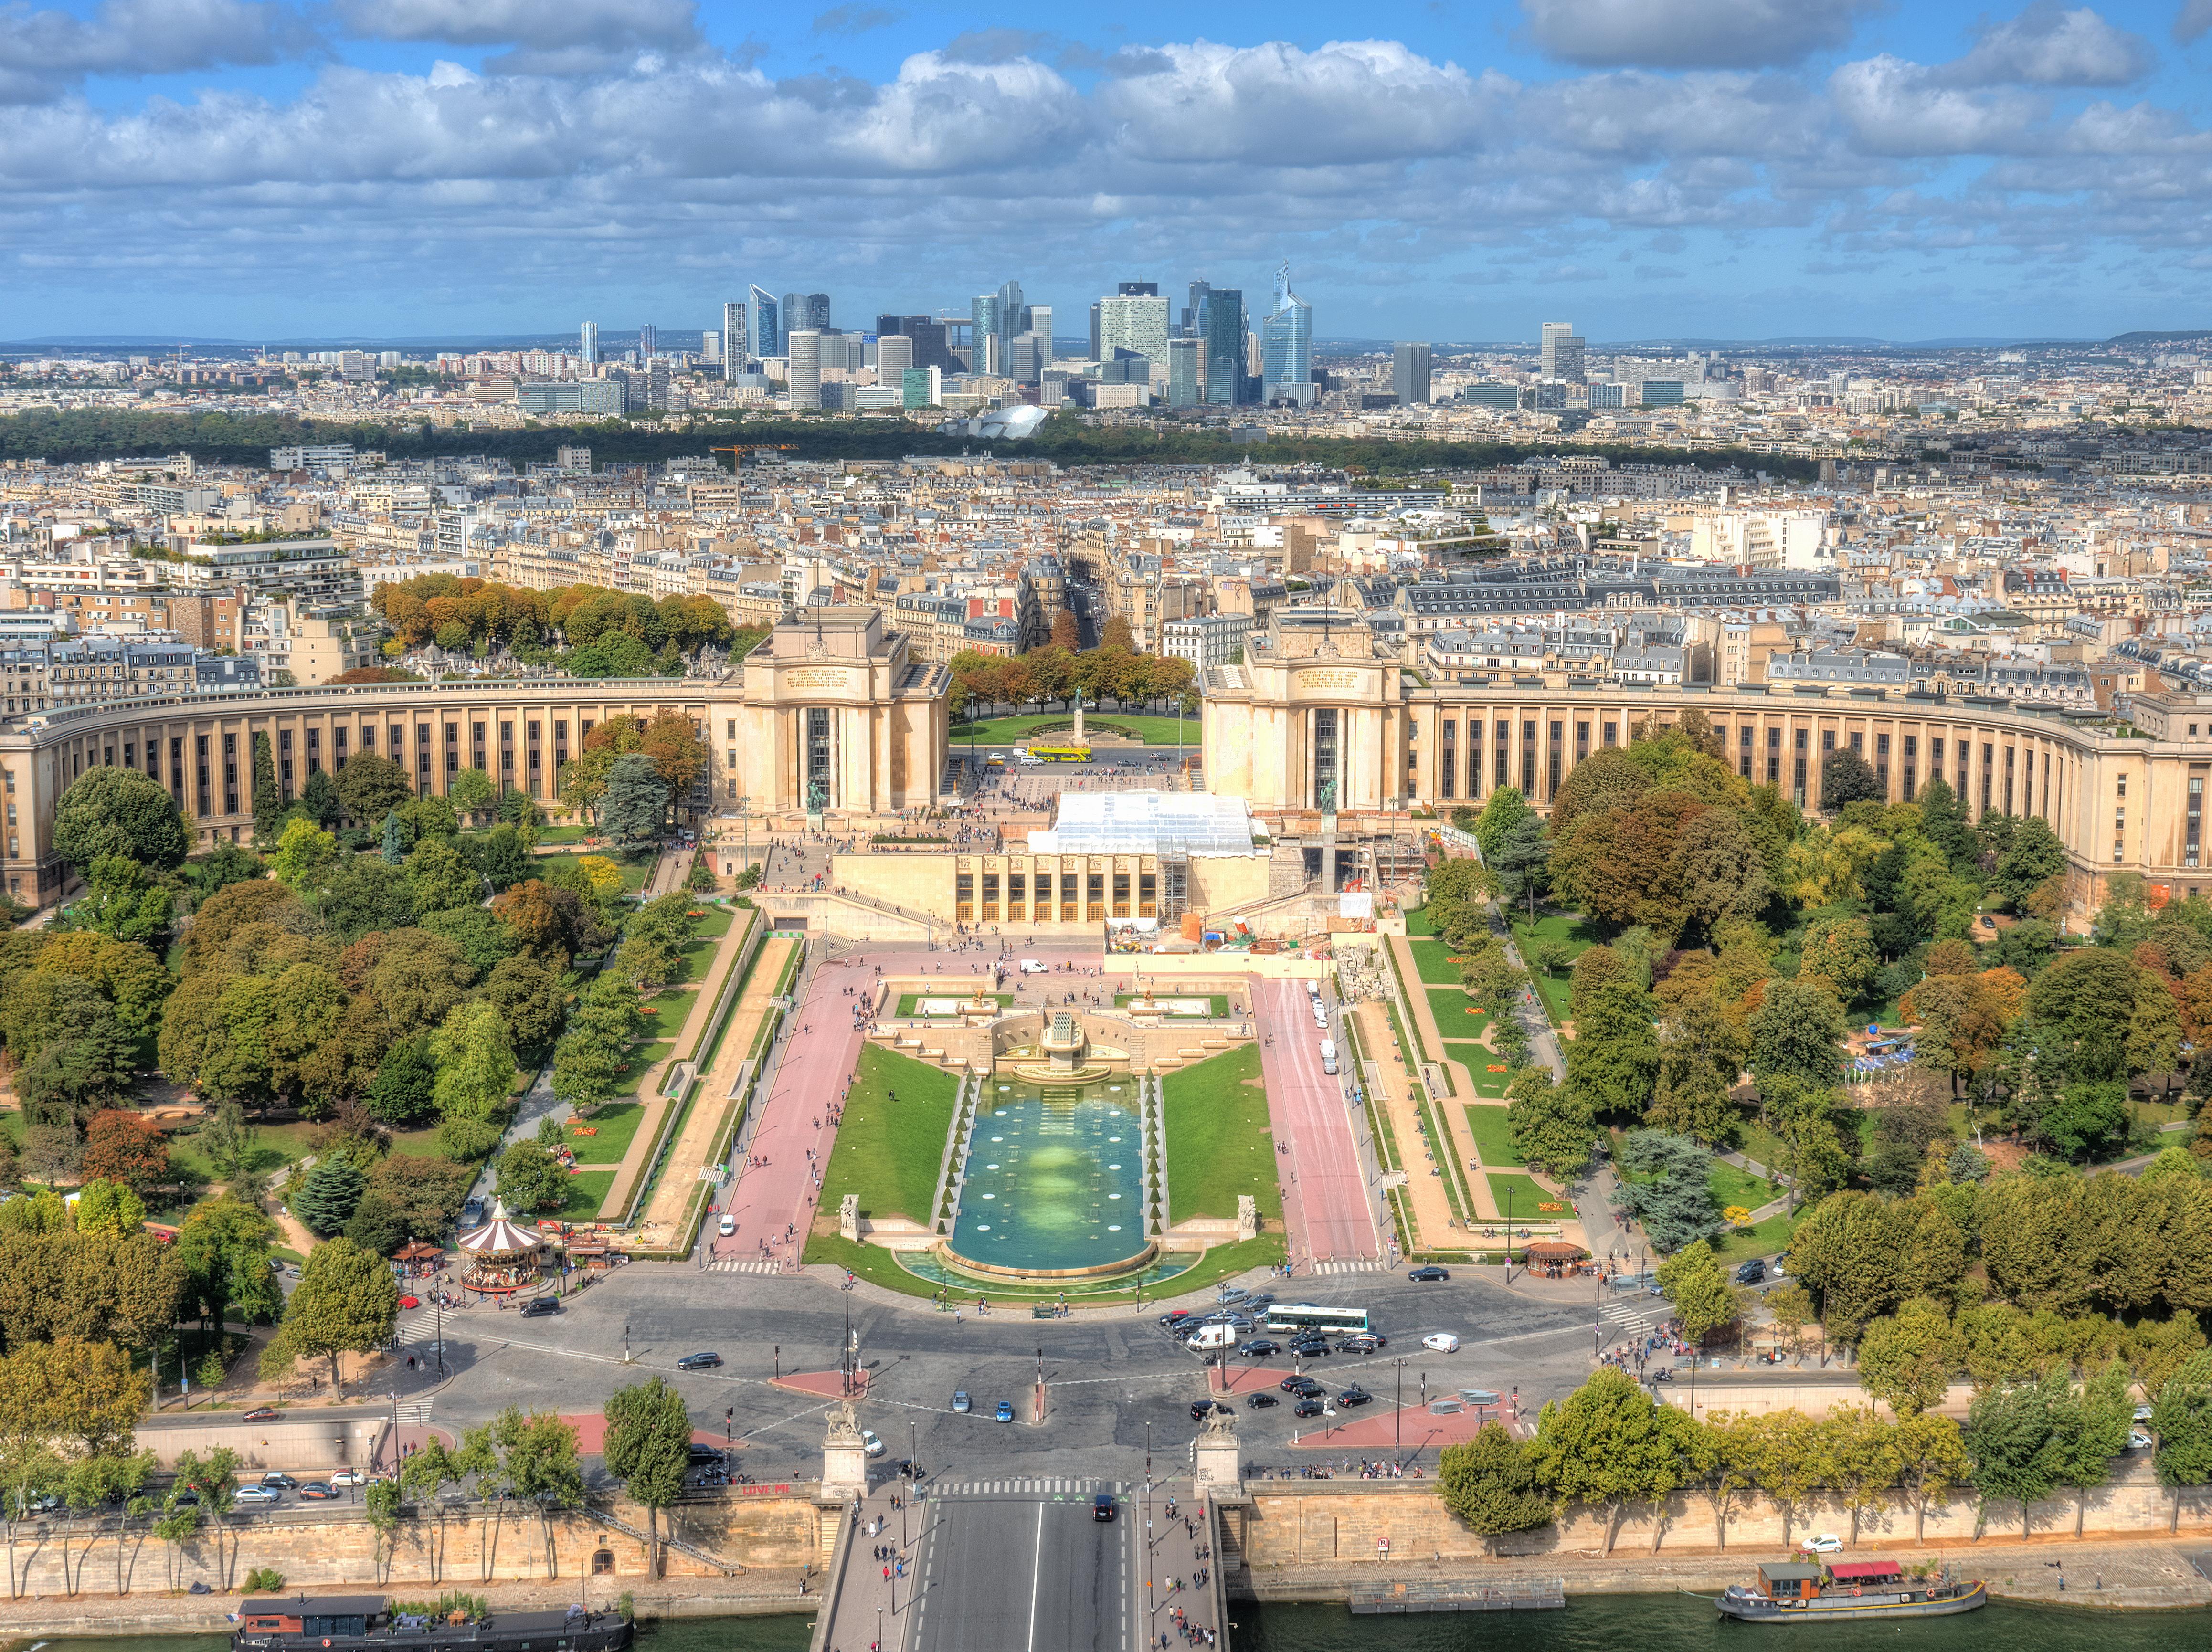 Wallpaper Biru Pohon Langit Paris Perancis Arsitektur